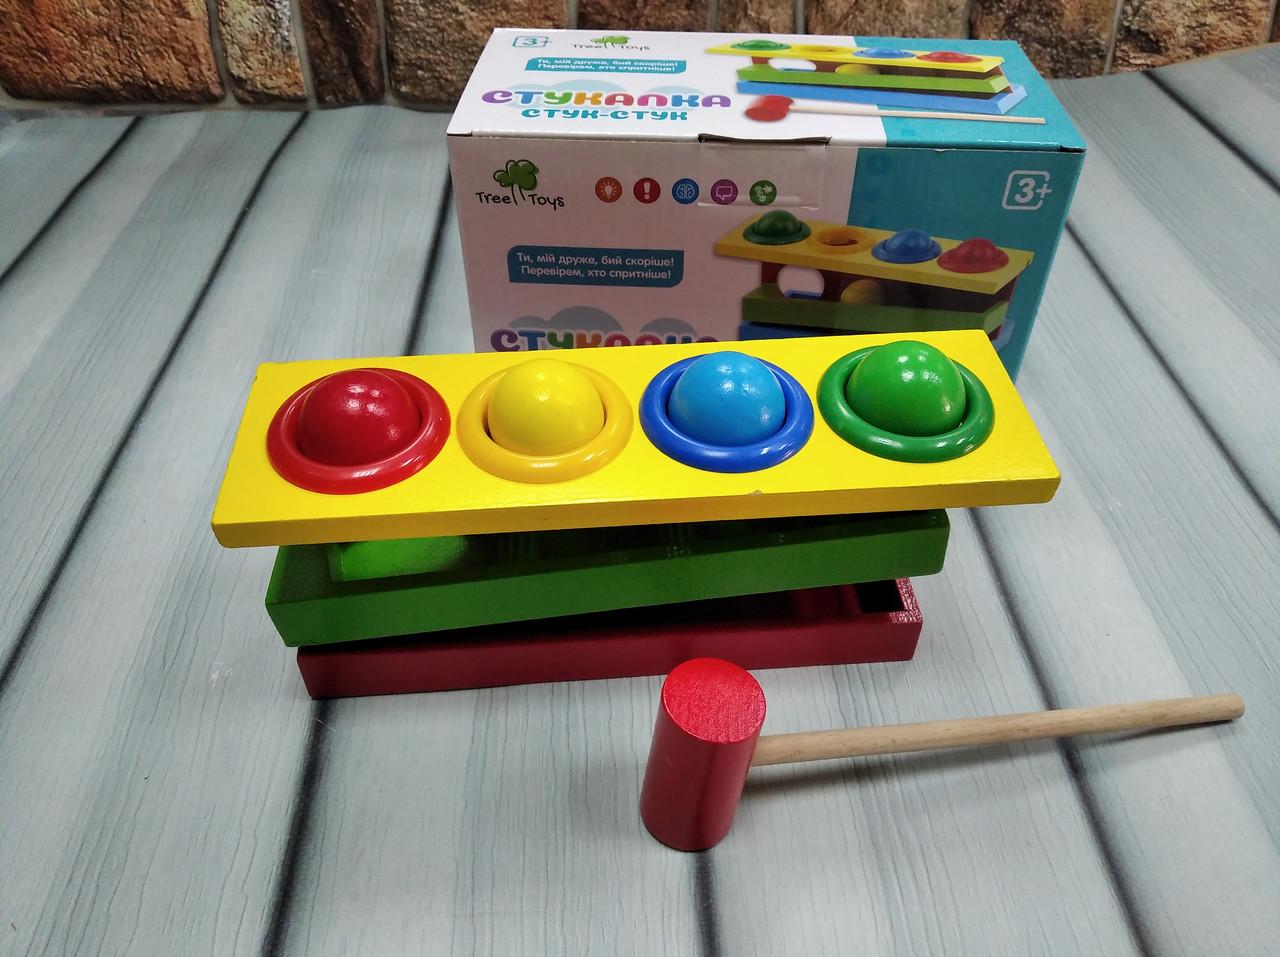 Деревянная игрушка Колотушка. Стучалка Молоточек Шарики, іграшка дерев'яна стукавка